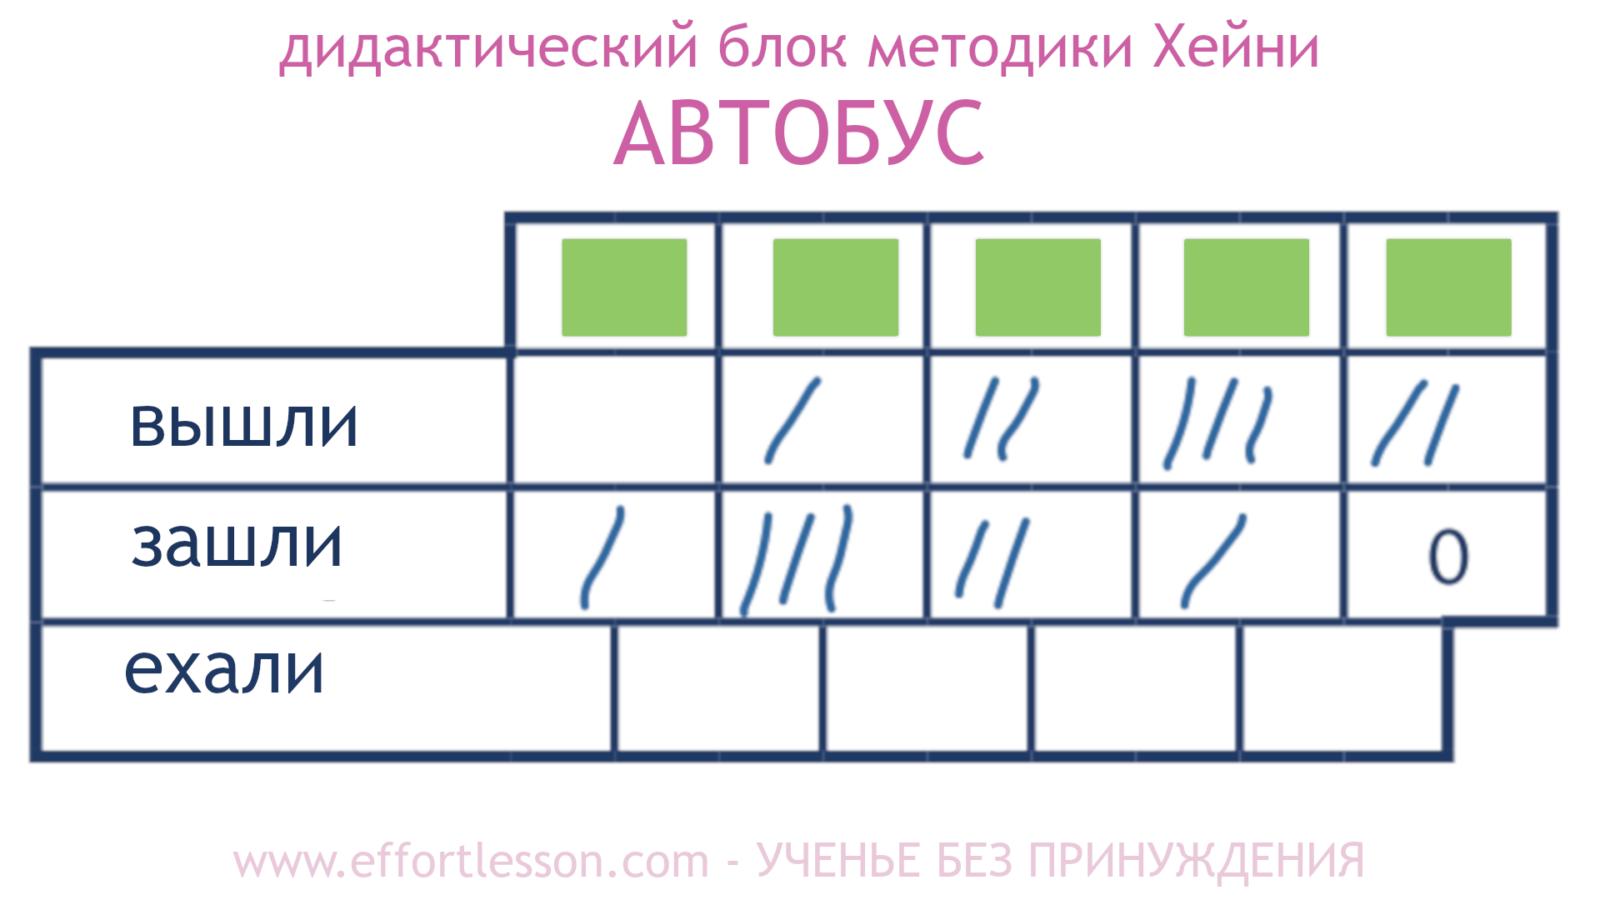 Таблица Автобус метод Хейни